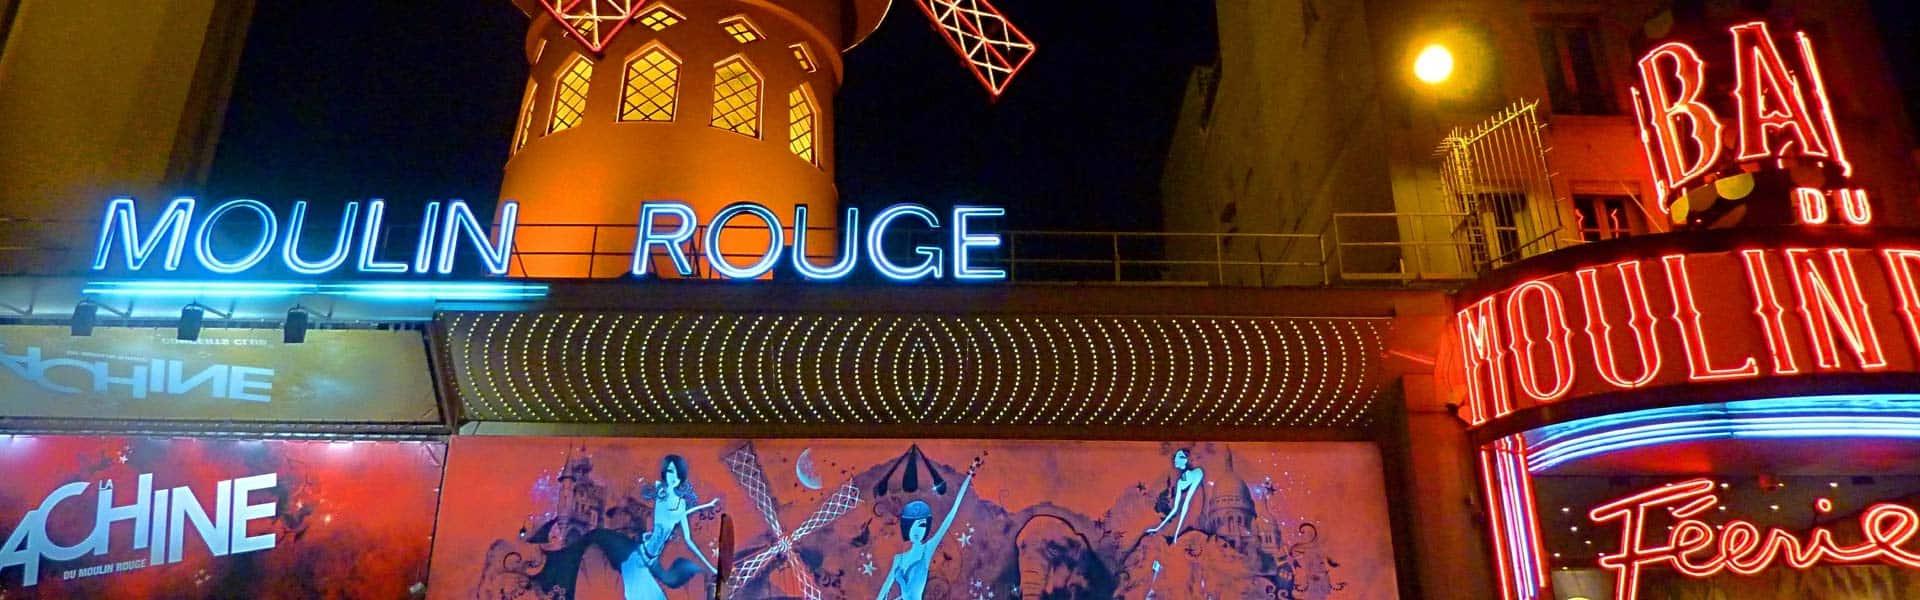 Oh la la – hier tanzen die Puppen: Erleben Sie einen ausgelassenen Abend im Moulin Rouge in Paris